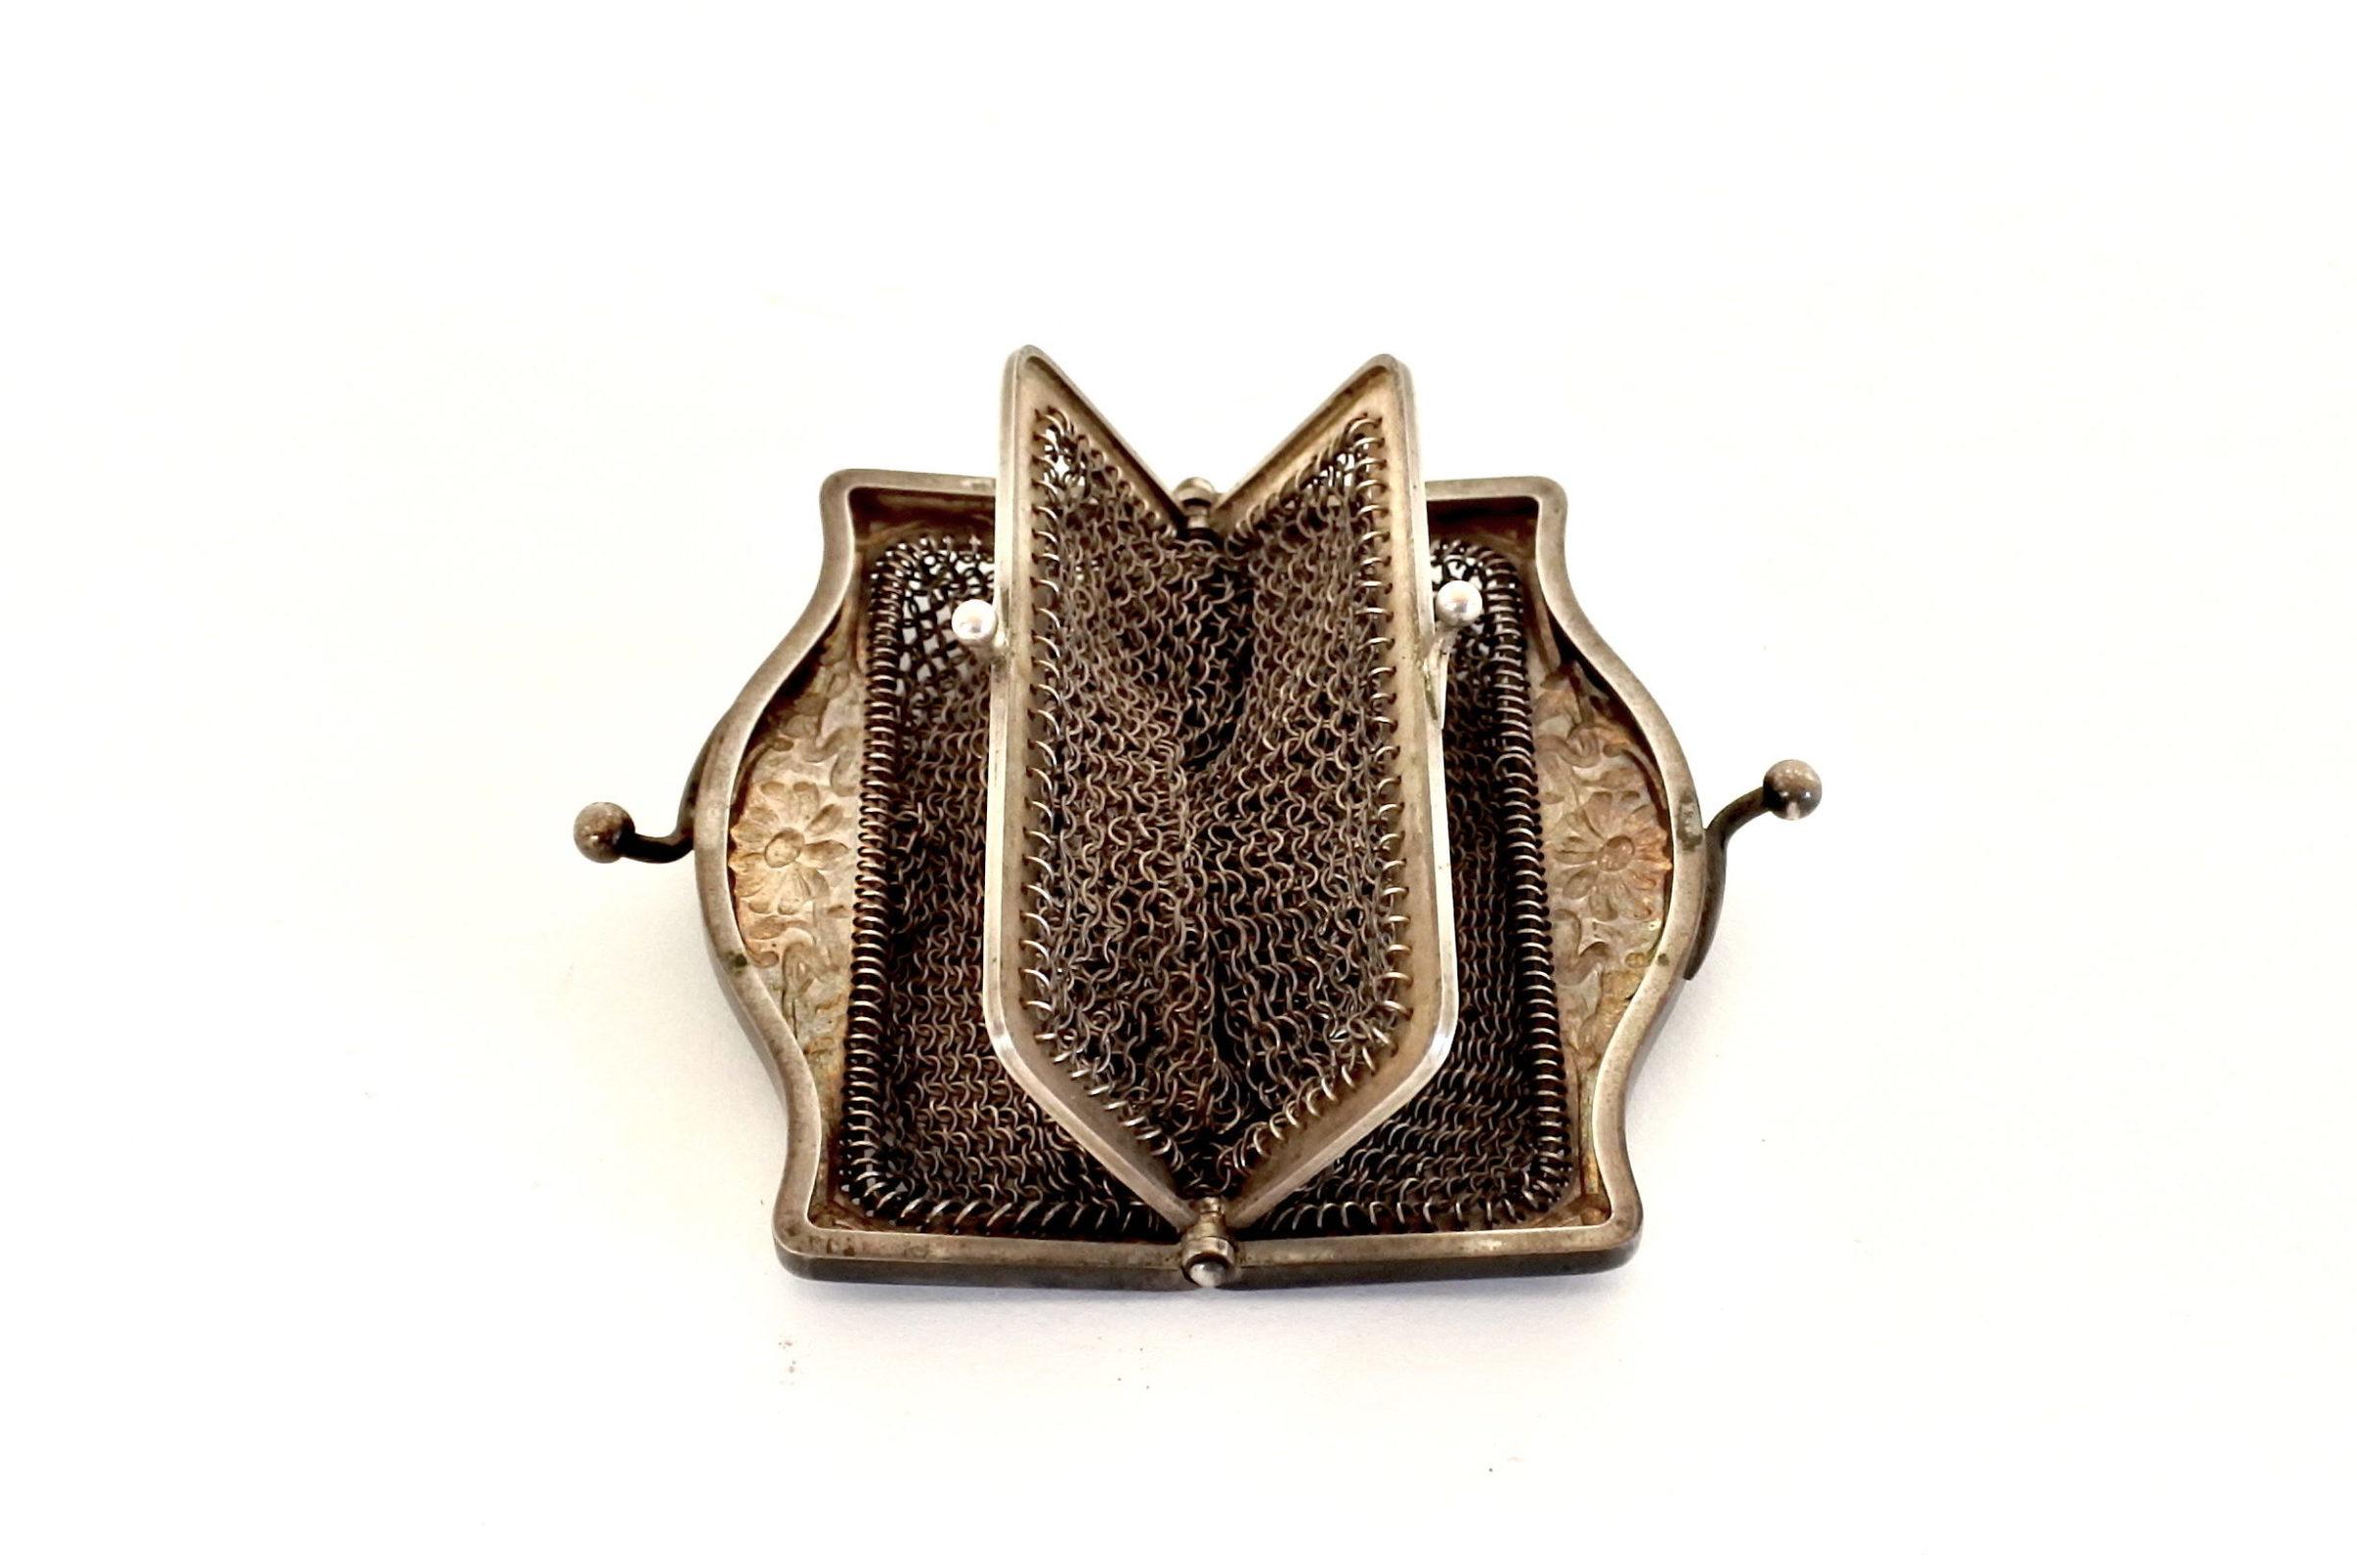 Borsellino in maglia d'argento con doppio borsellino interno - 4